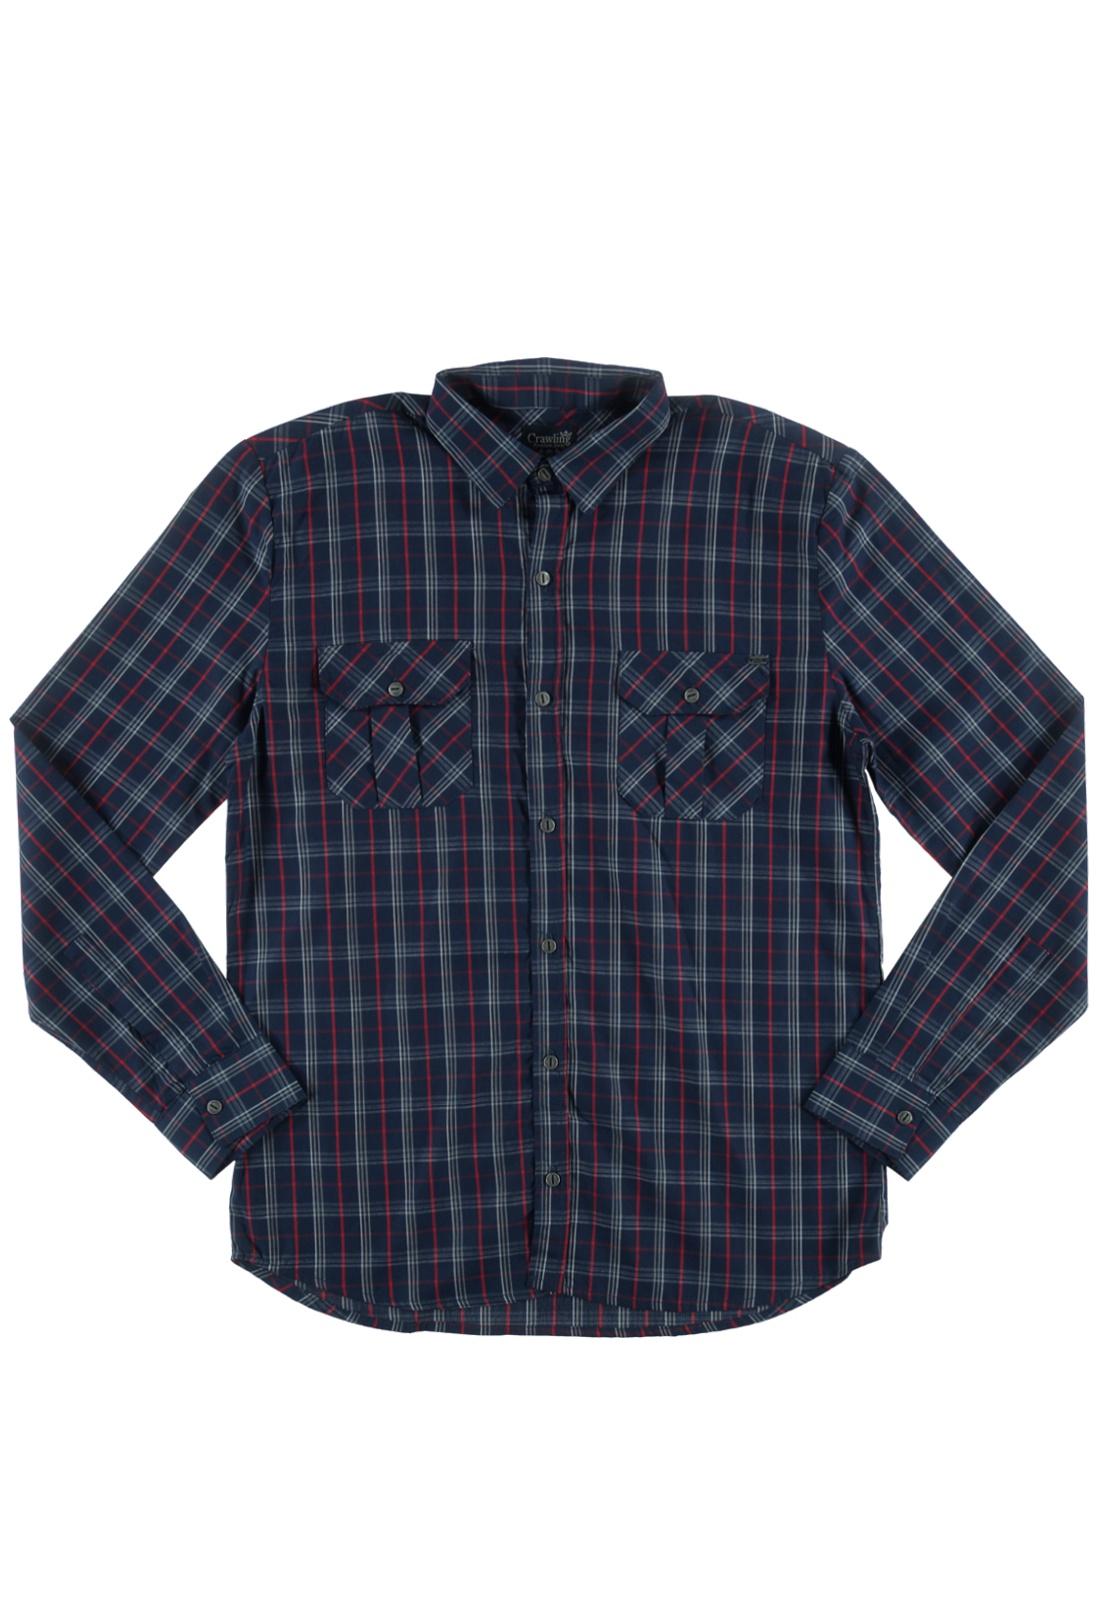 Camisa Xadrez Masculina 10 ao 16